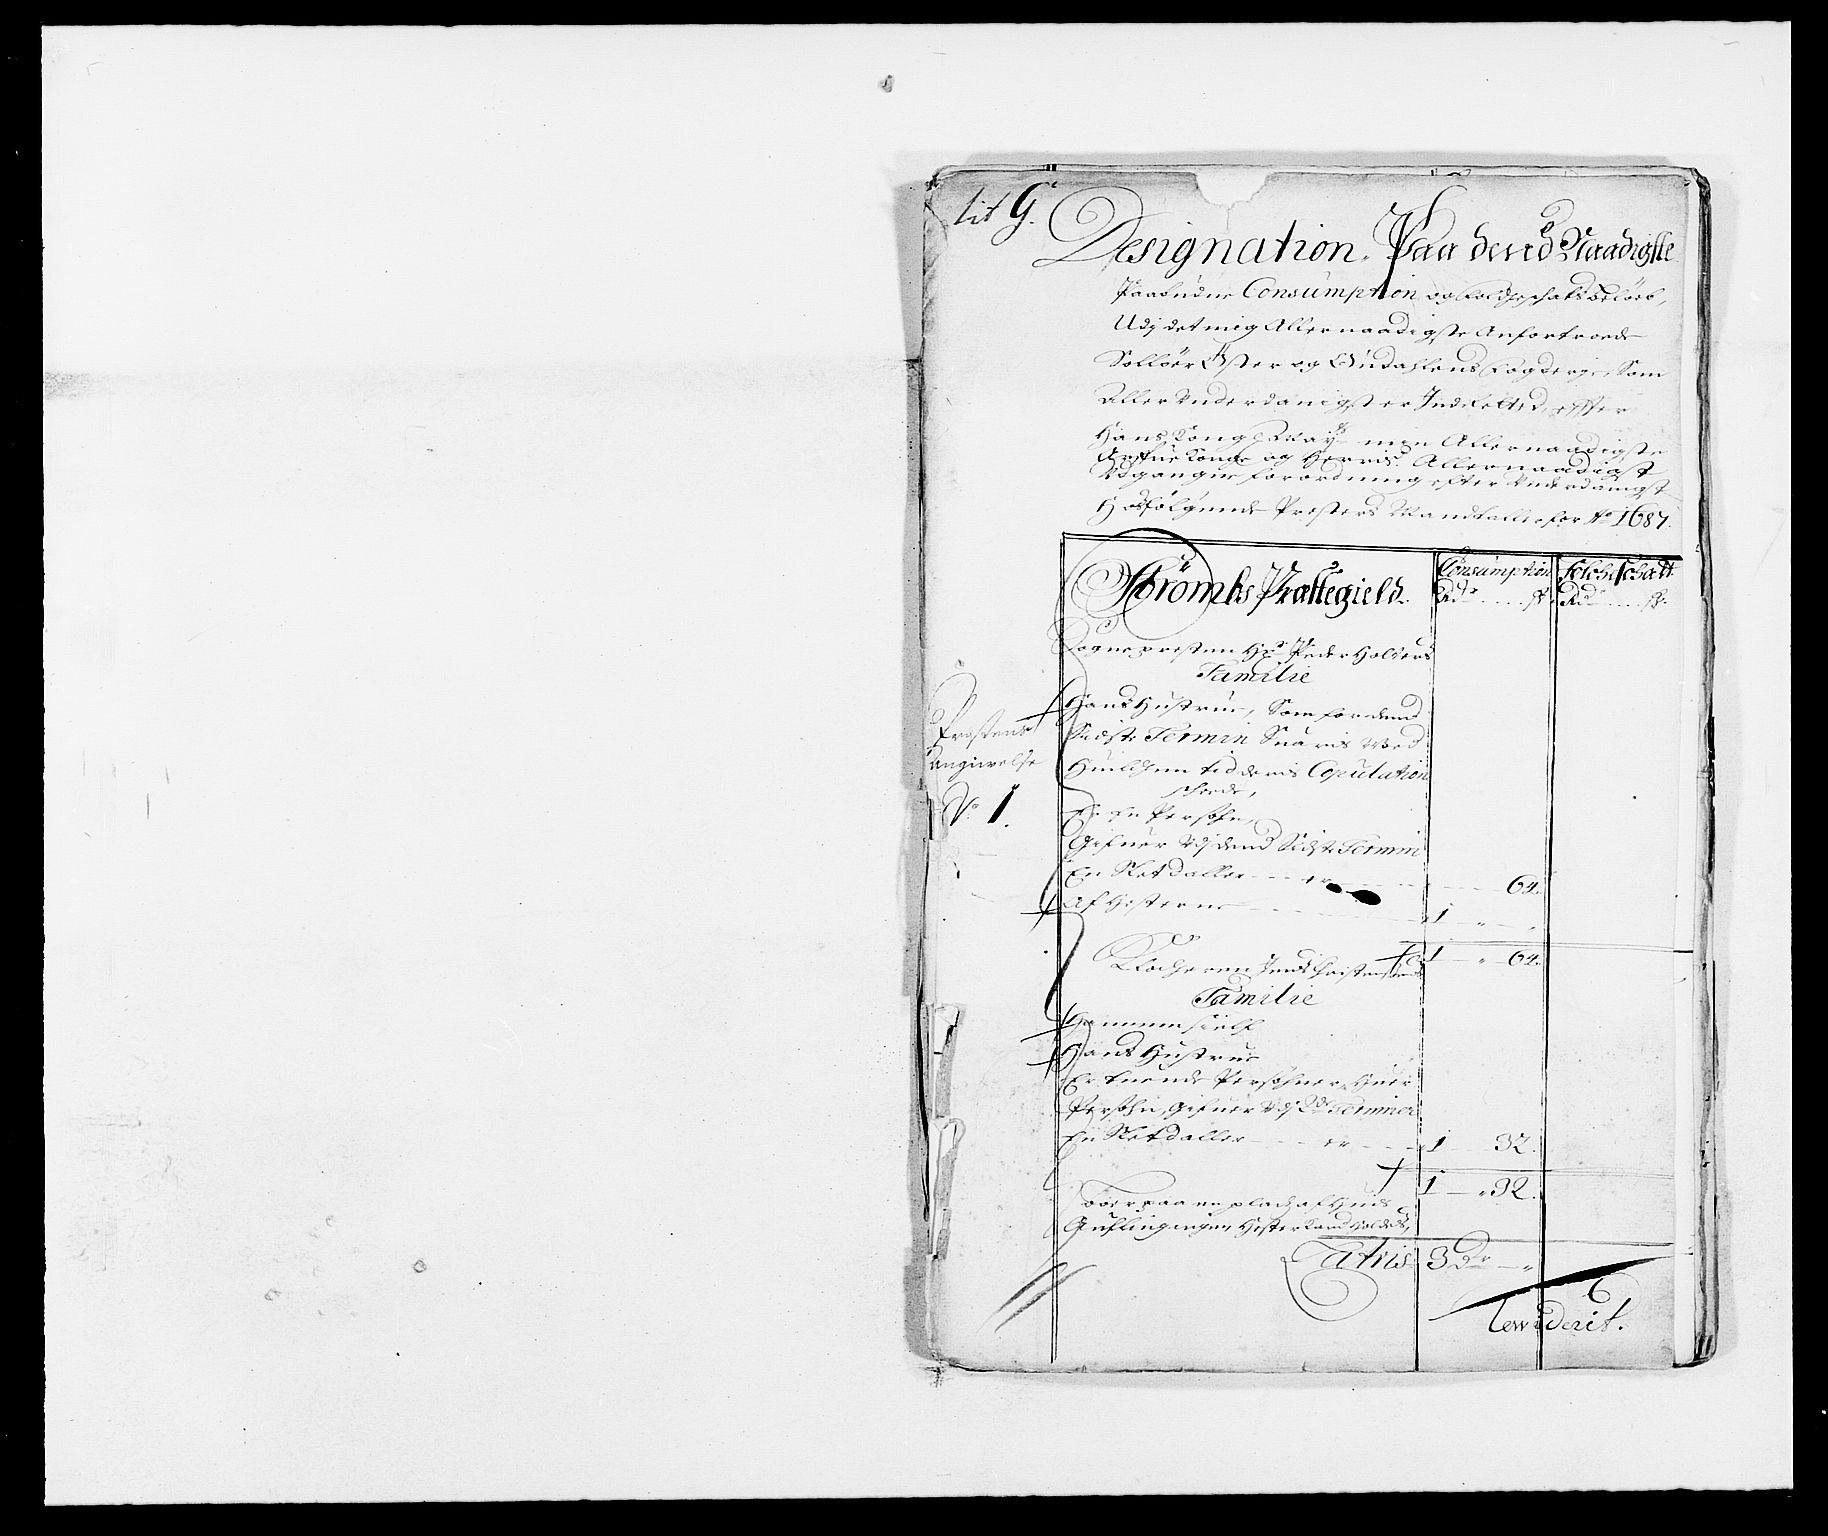 RA, Rentekammeret inntil 1814, Reviderte regnskaper, Fogderegnskap, R13/L0824: Fogderegnskap Solør, Odal og Østerdal, 1687, s. 229